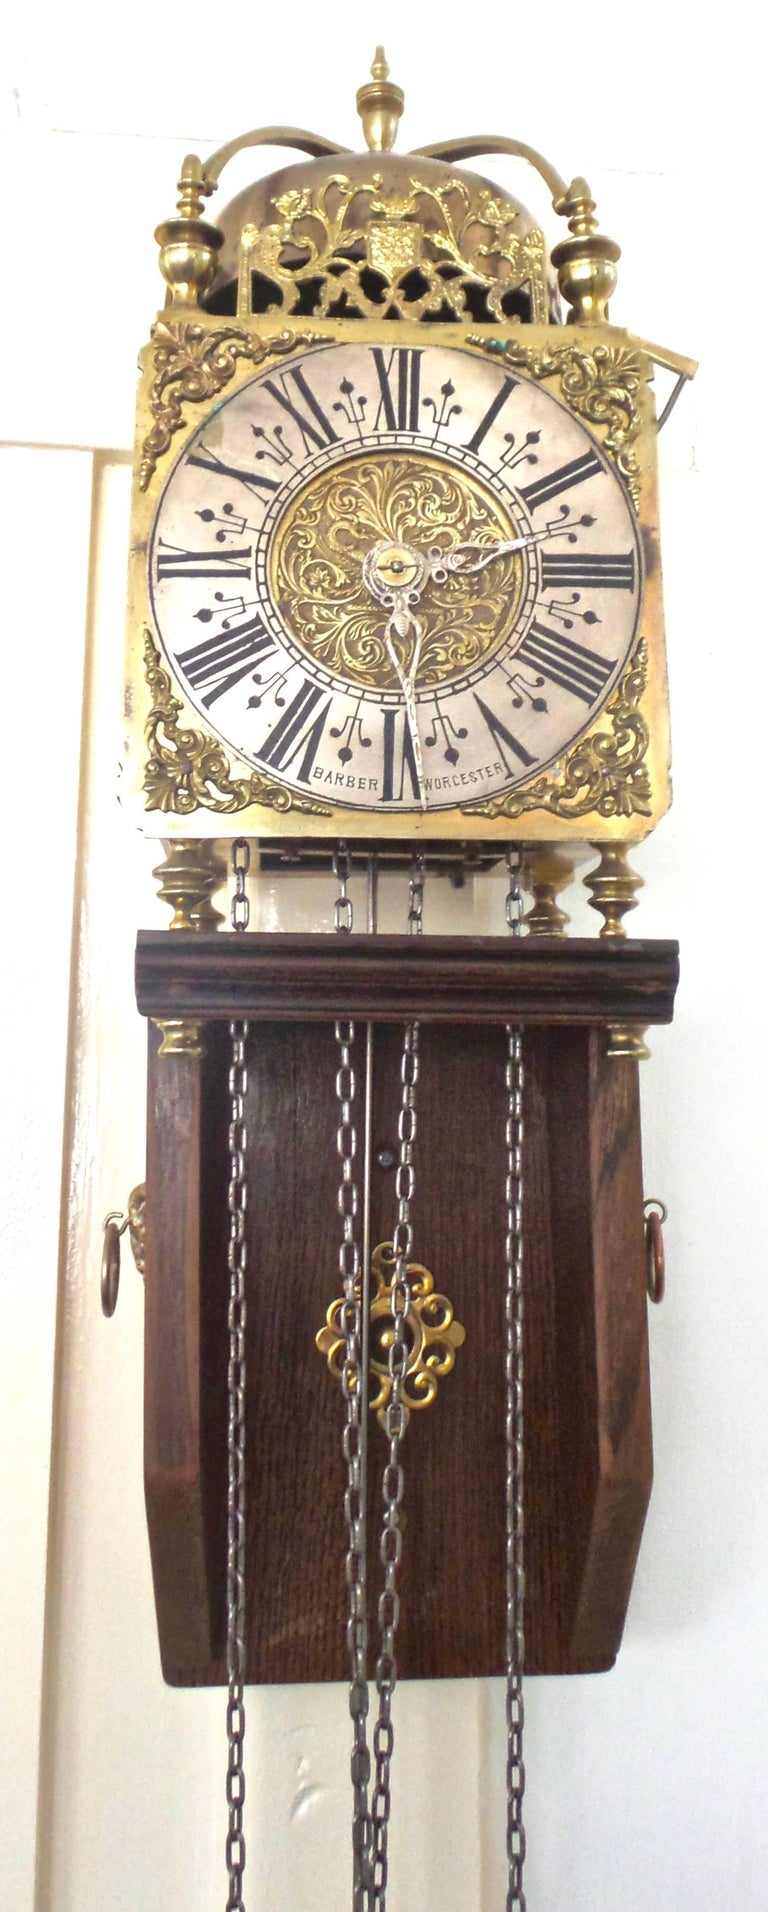 1801 English Brass Lantern Striking Wall Clock And Oak